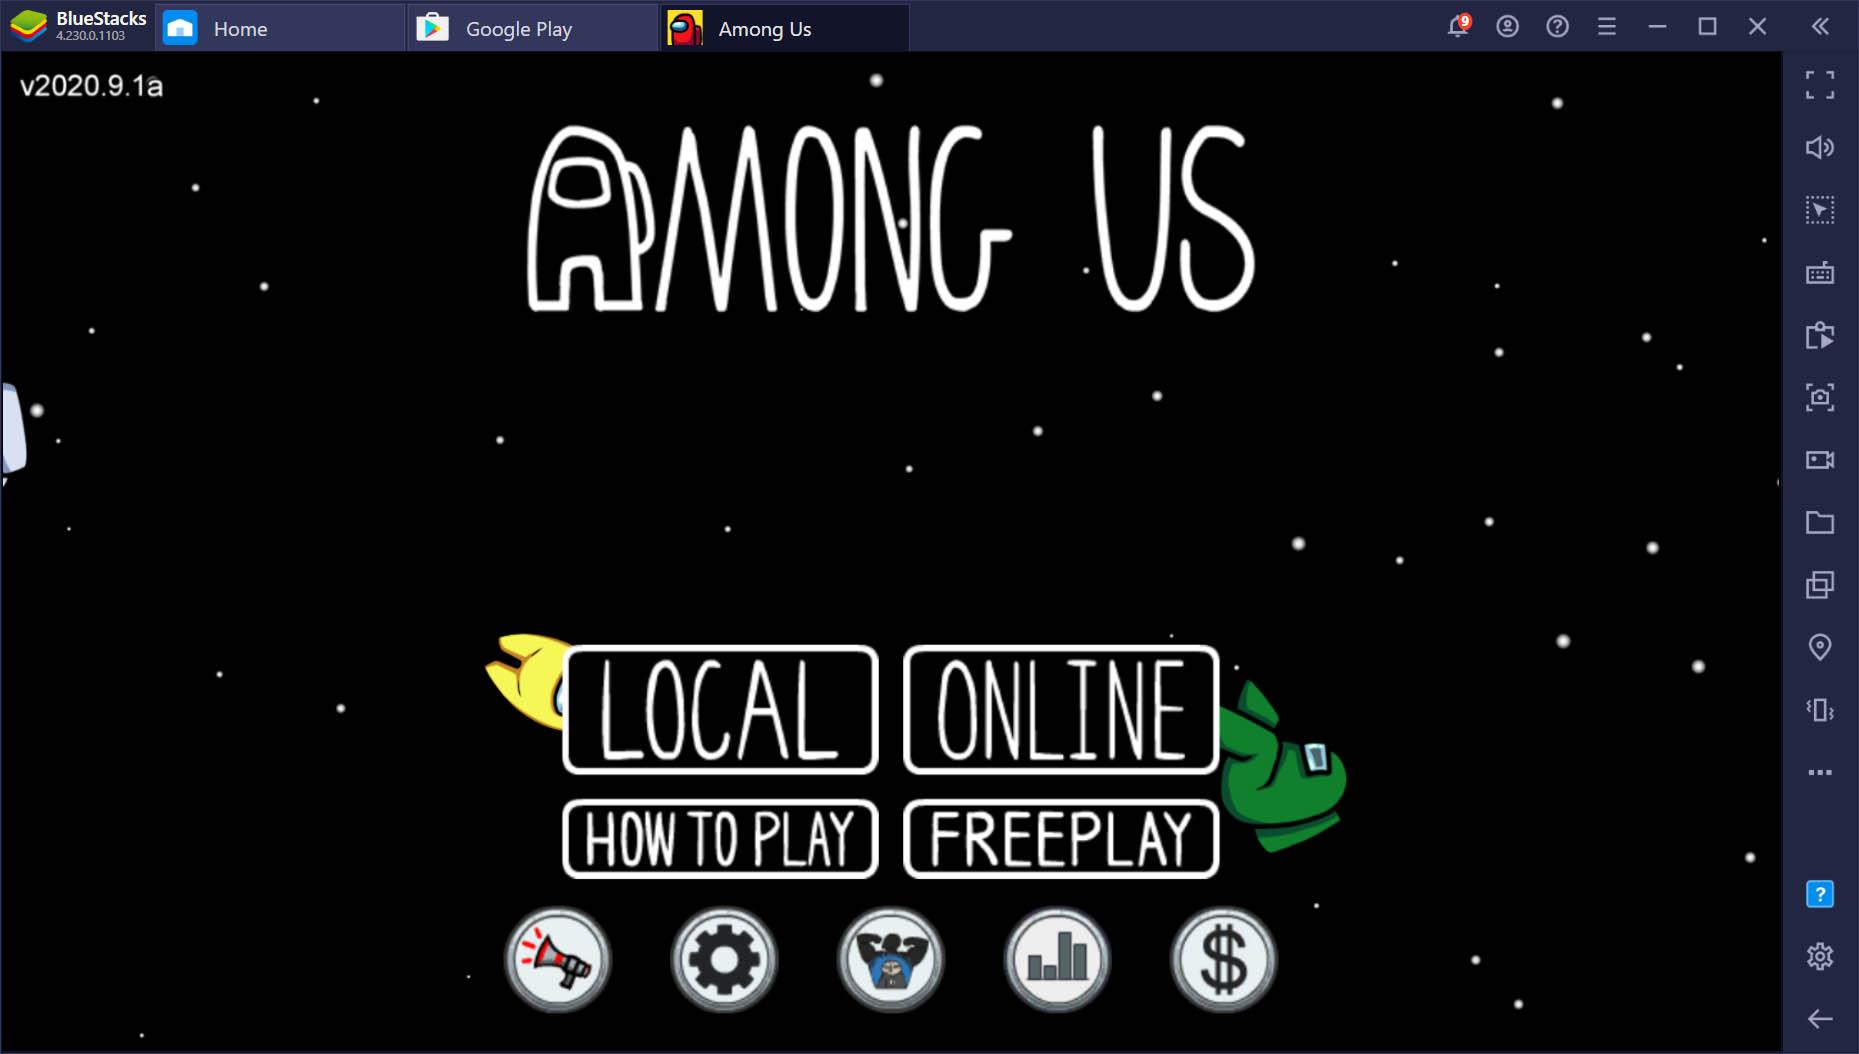 Among Us auf dem PC – Anfängerleitfaden: So spielst du mit BlueStacks auf deinem PC